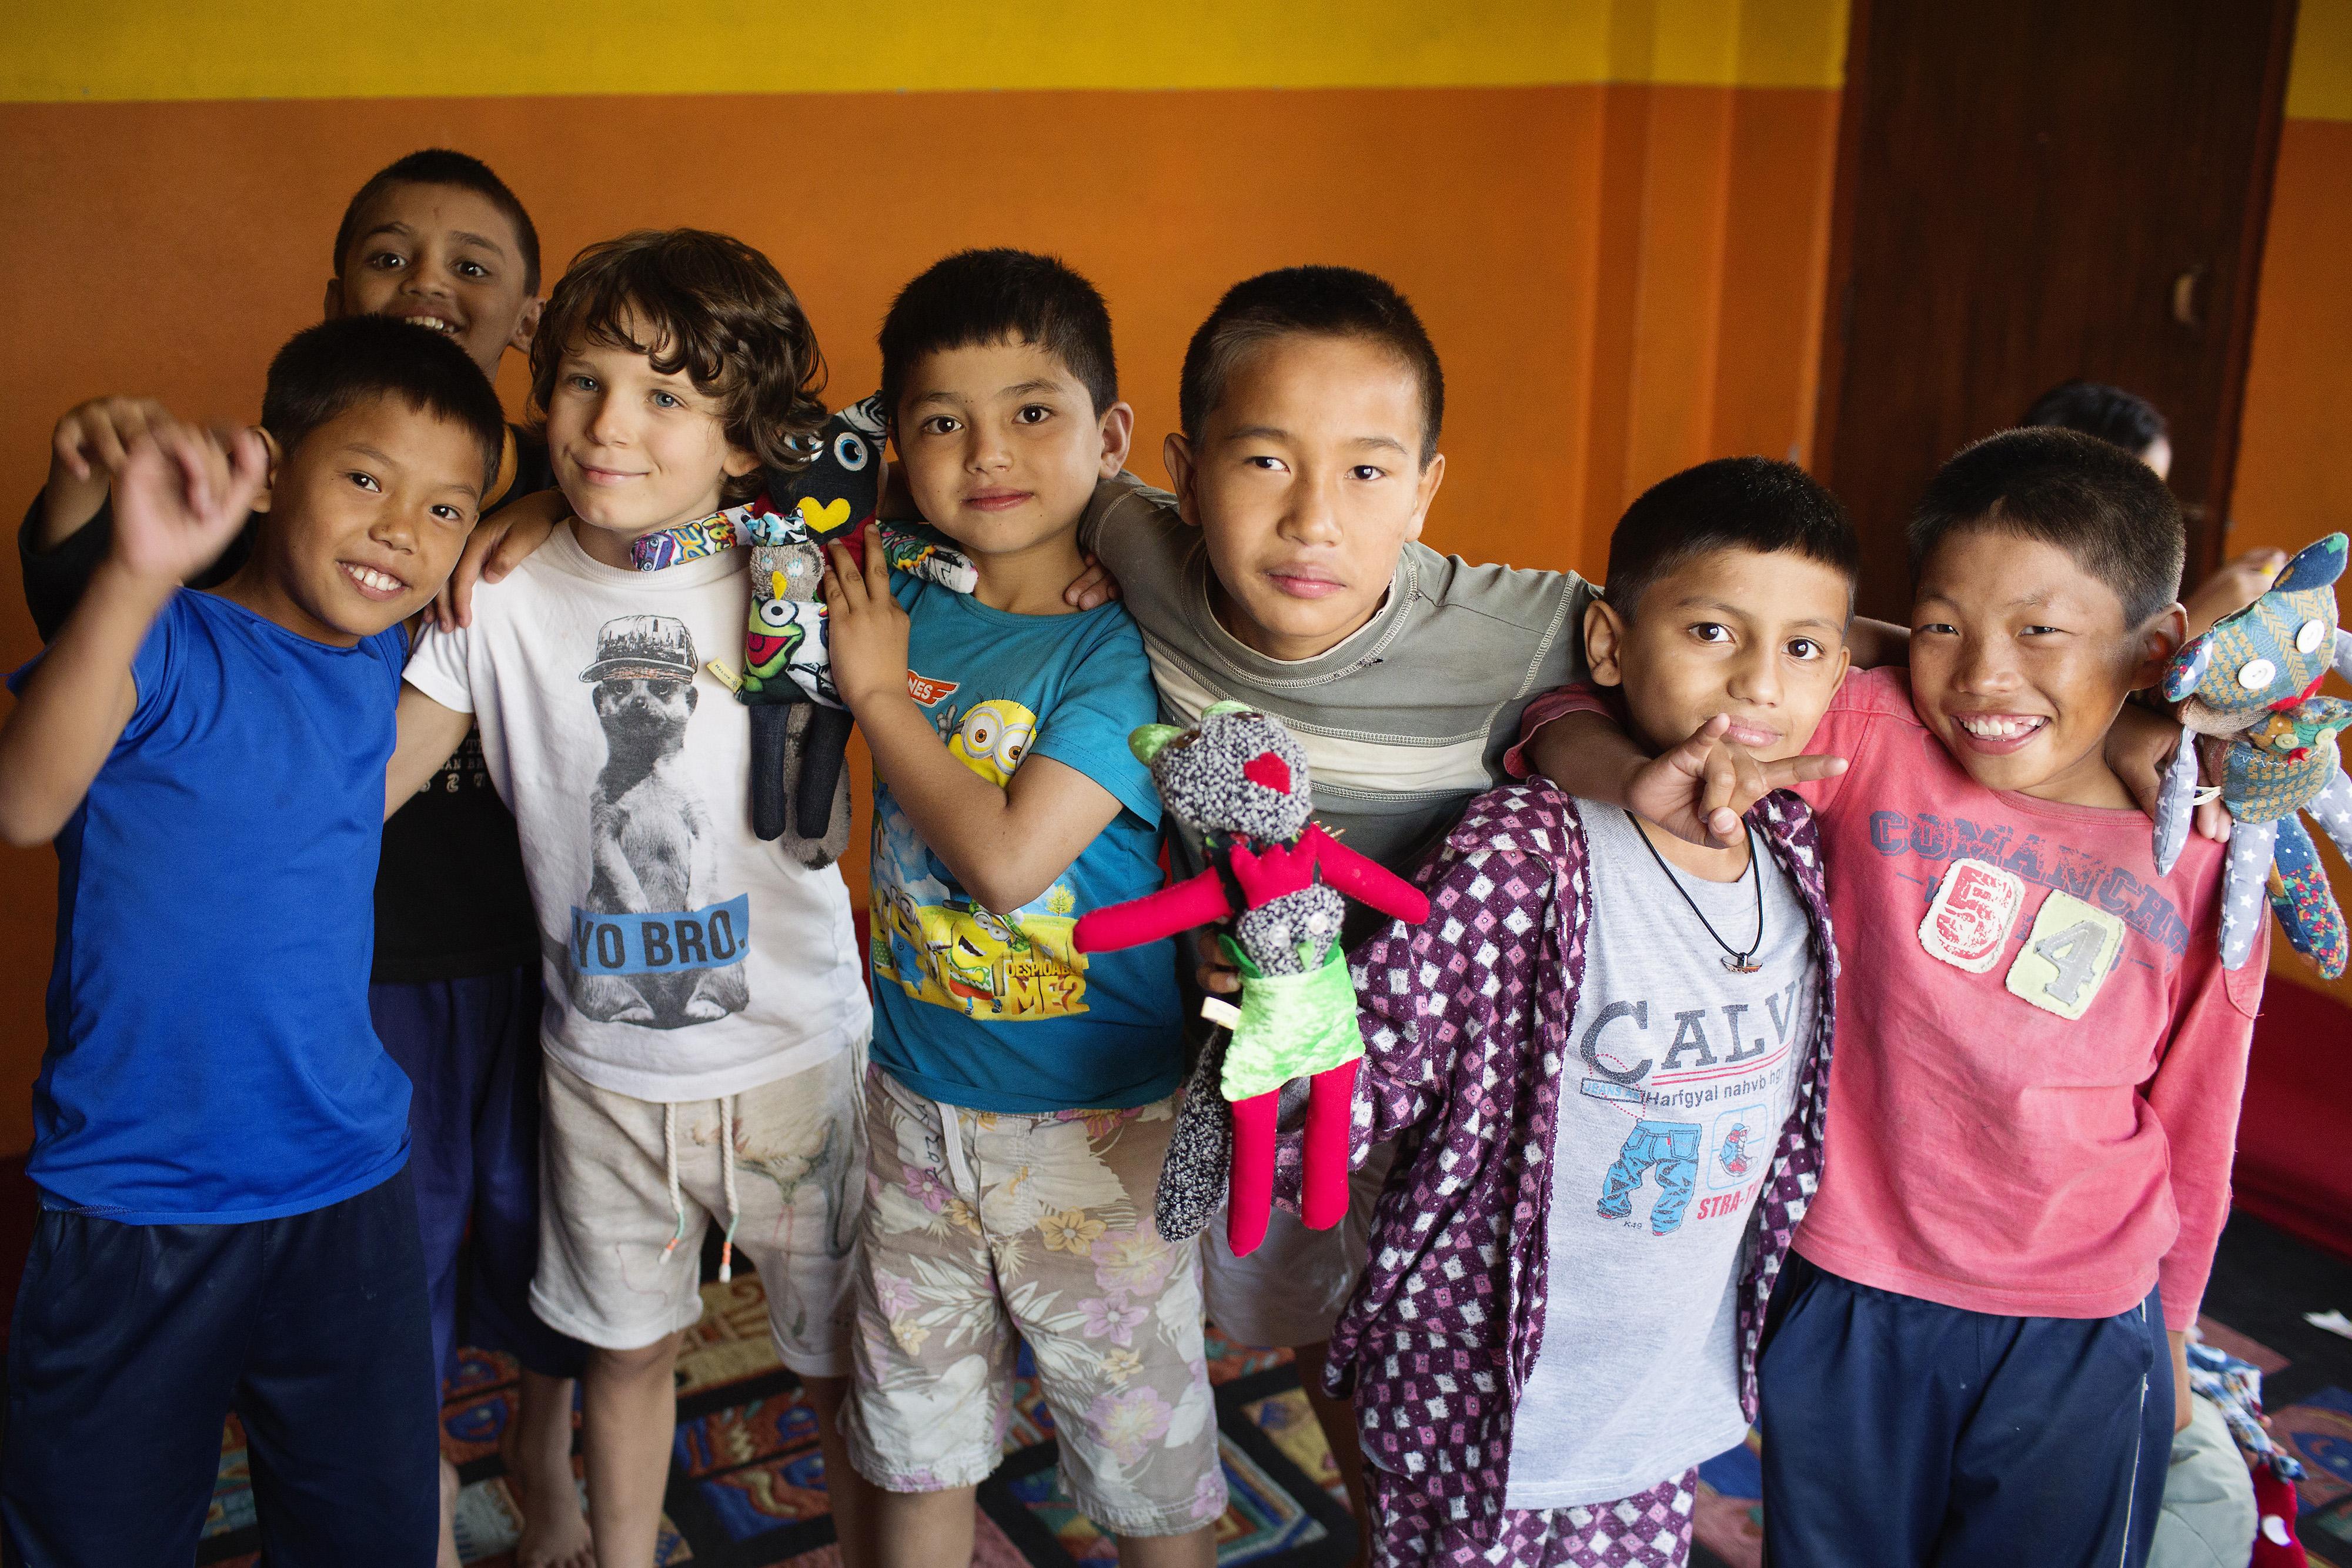 Melvin heeft veel Nepalese kinderen blij gemaakt. Foto: (c) Soulmates Images